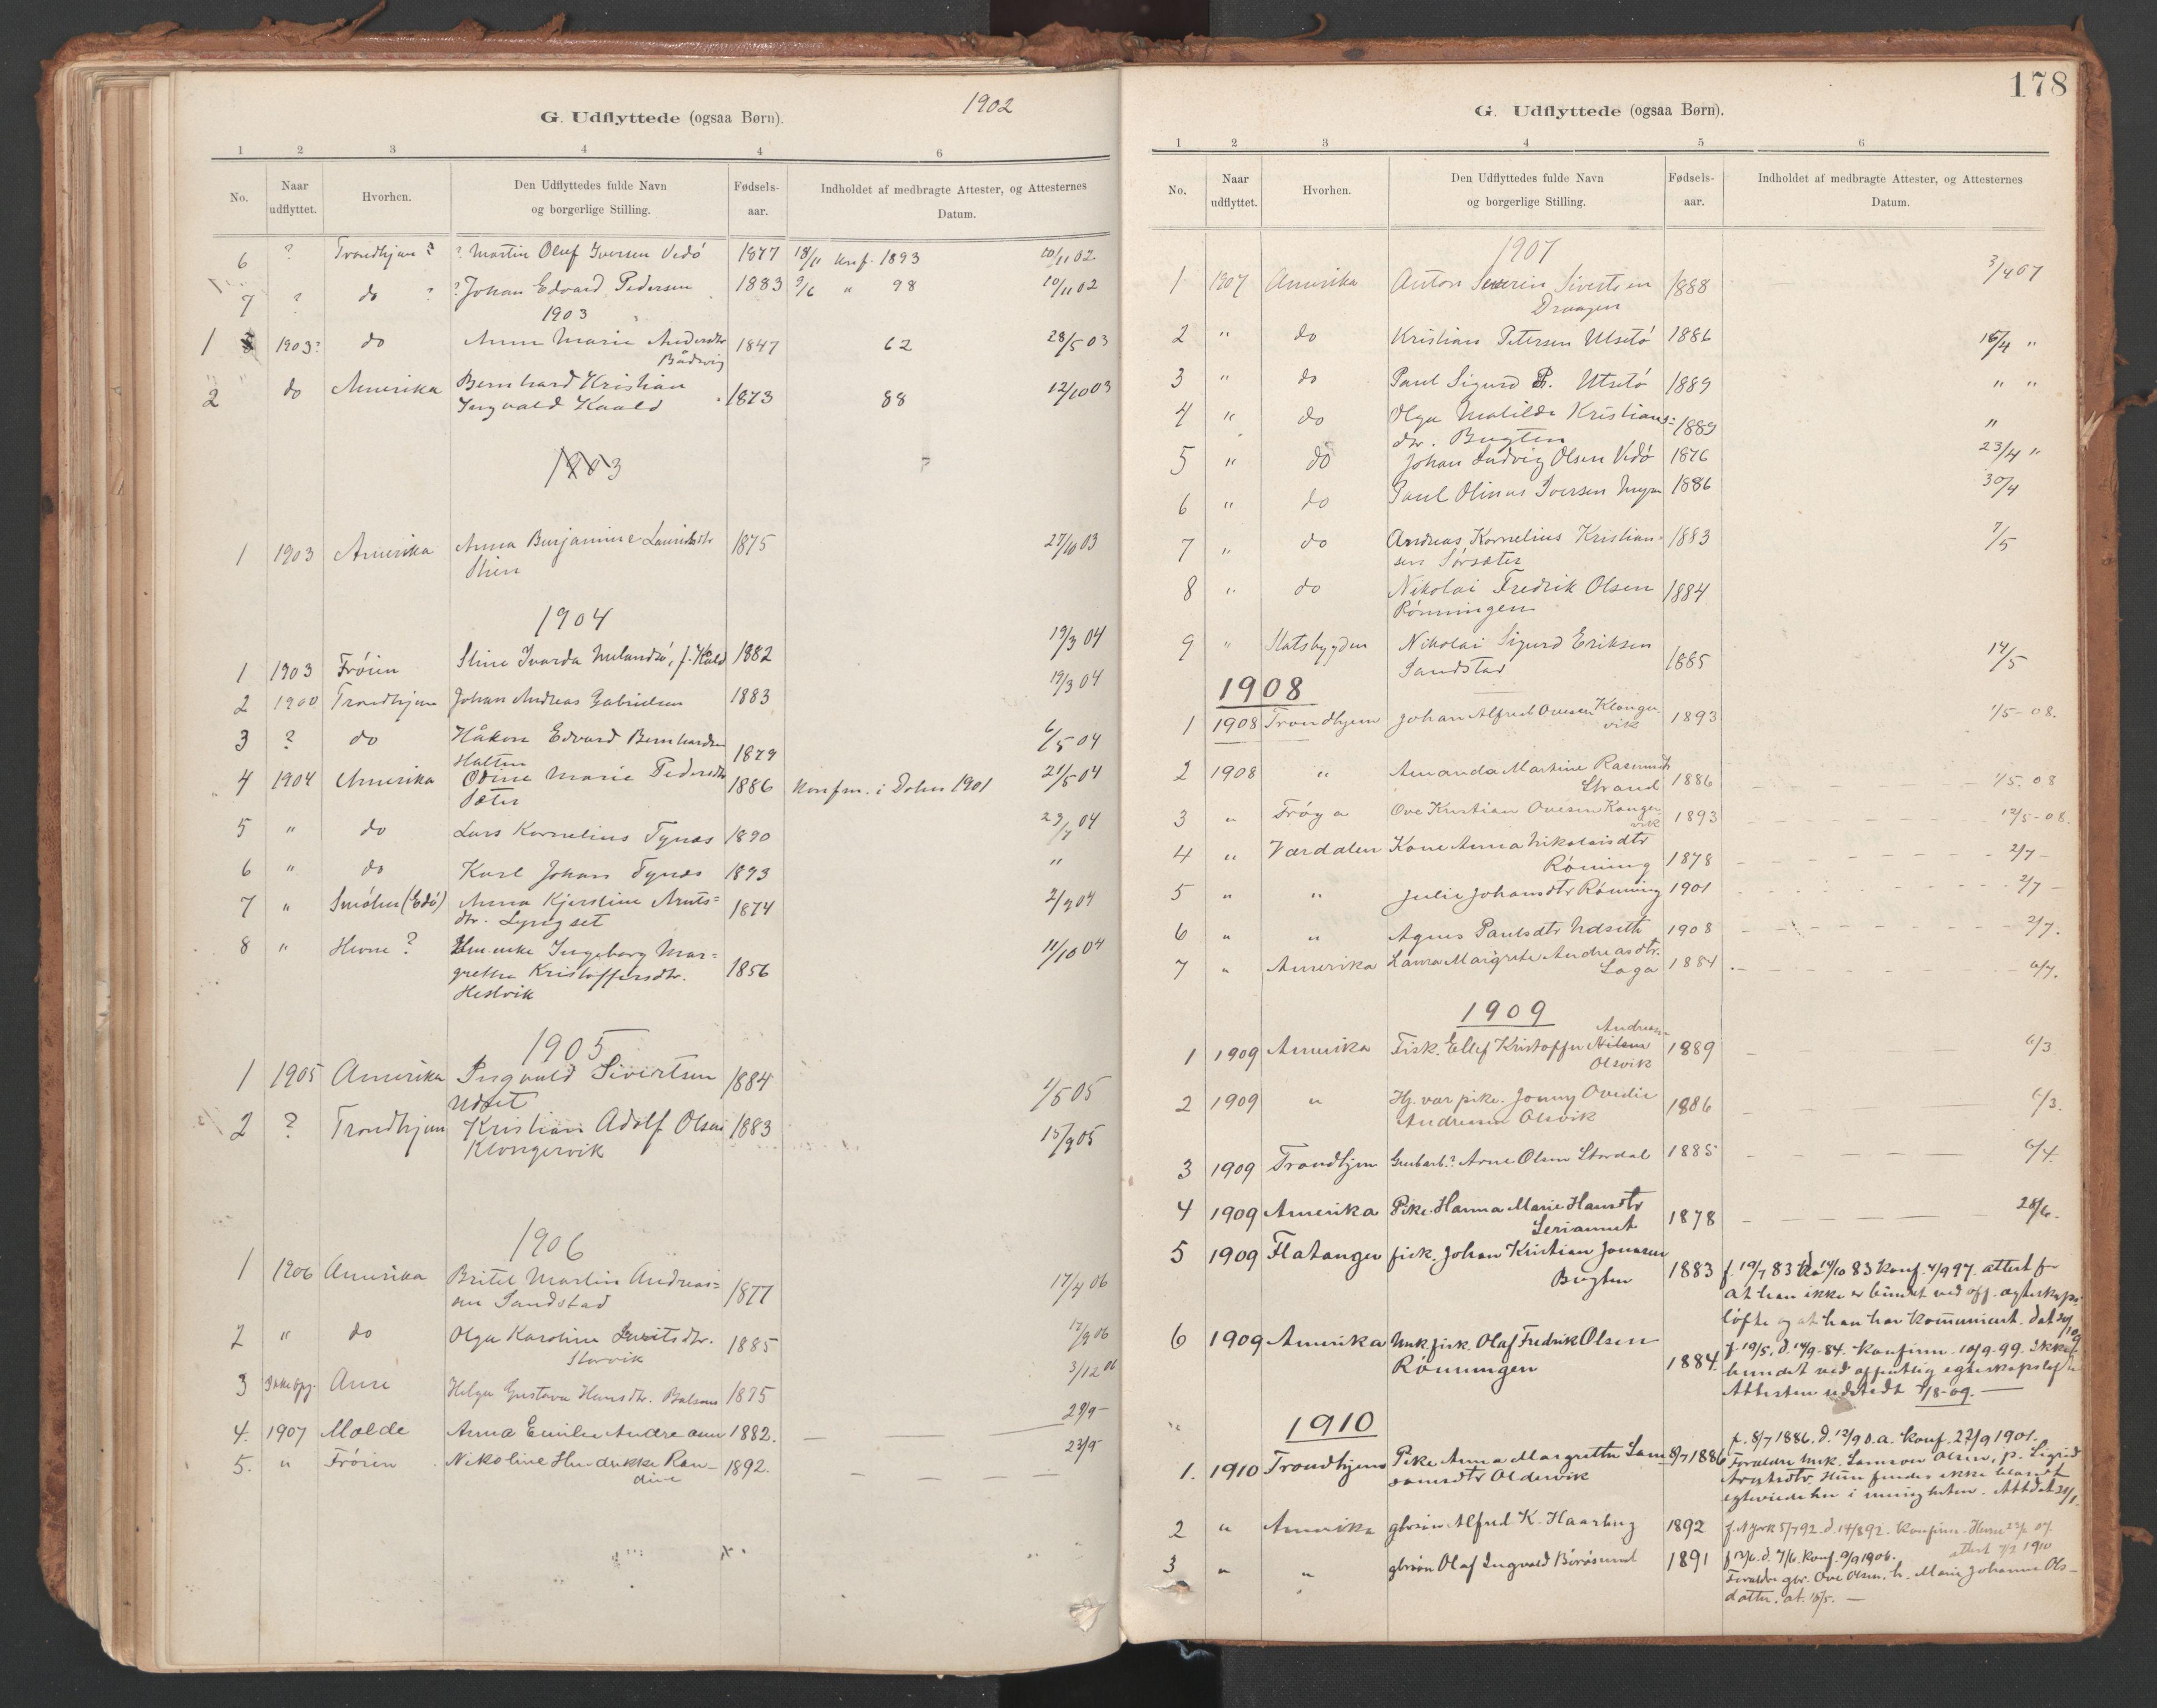 SAT, Ministerialprotokoller, klokkerbøker og fødselsregistre - Sør-Trøndelag, 639/L0572: Ministerialbok nr. 639A01, 1890-1920, s. 178